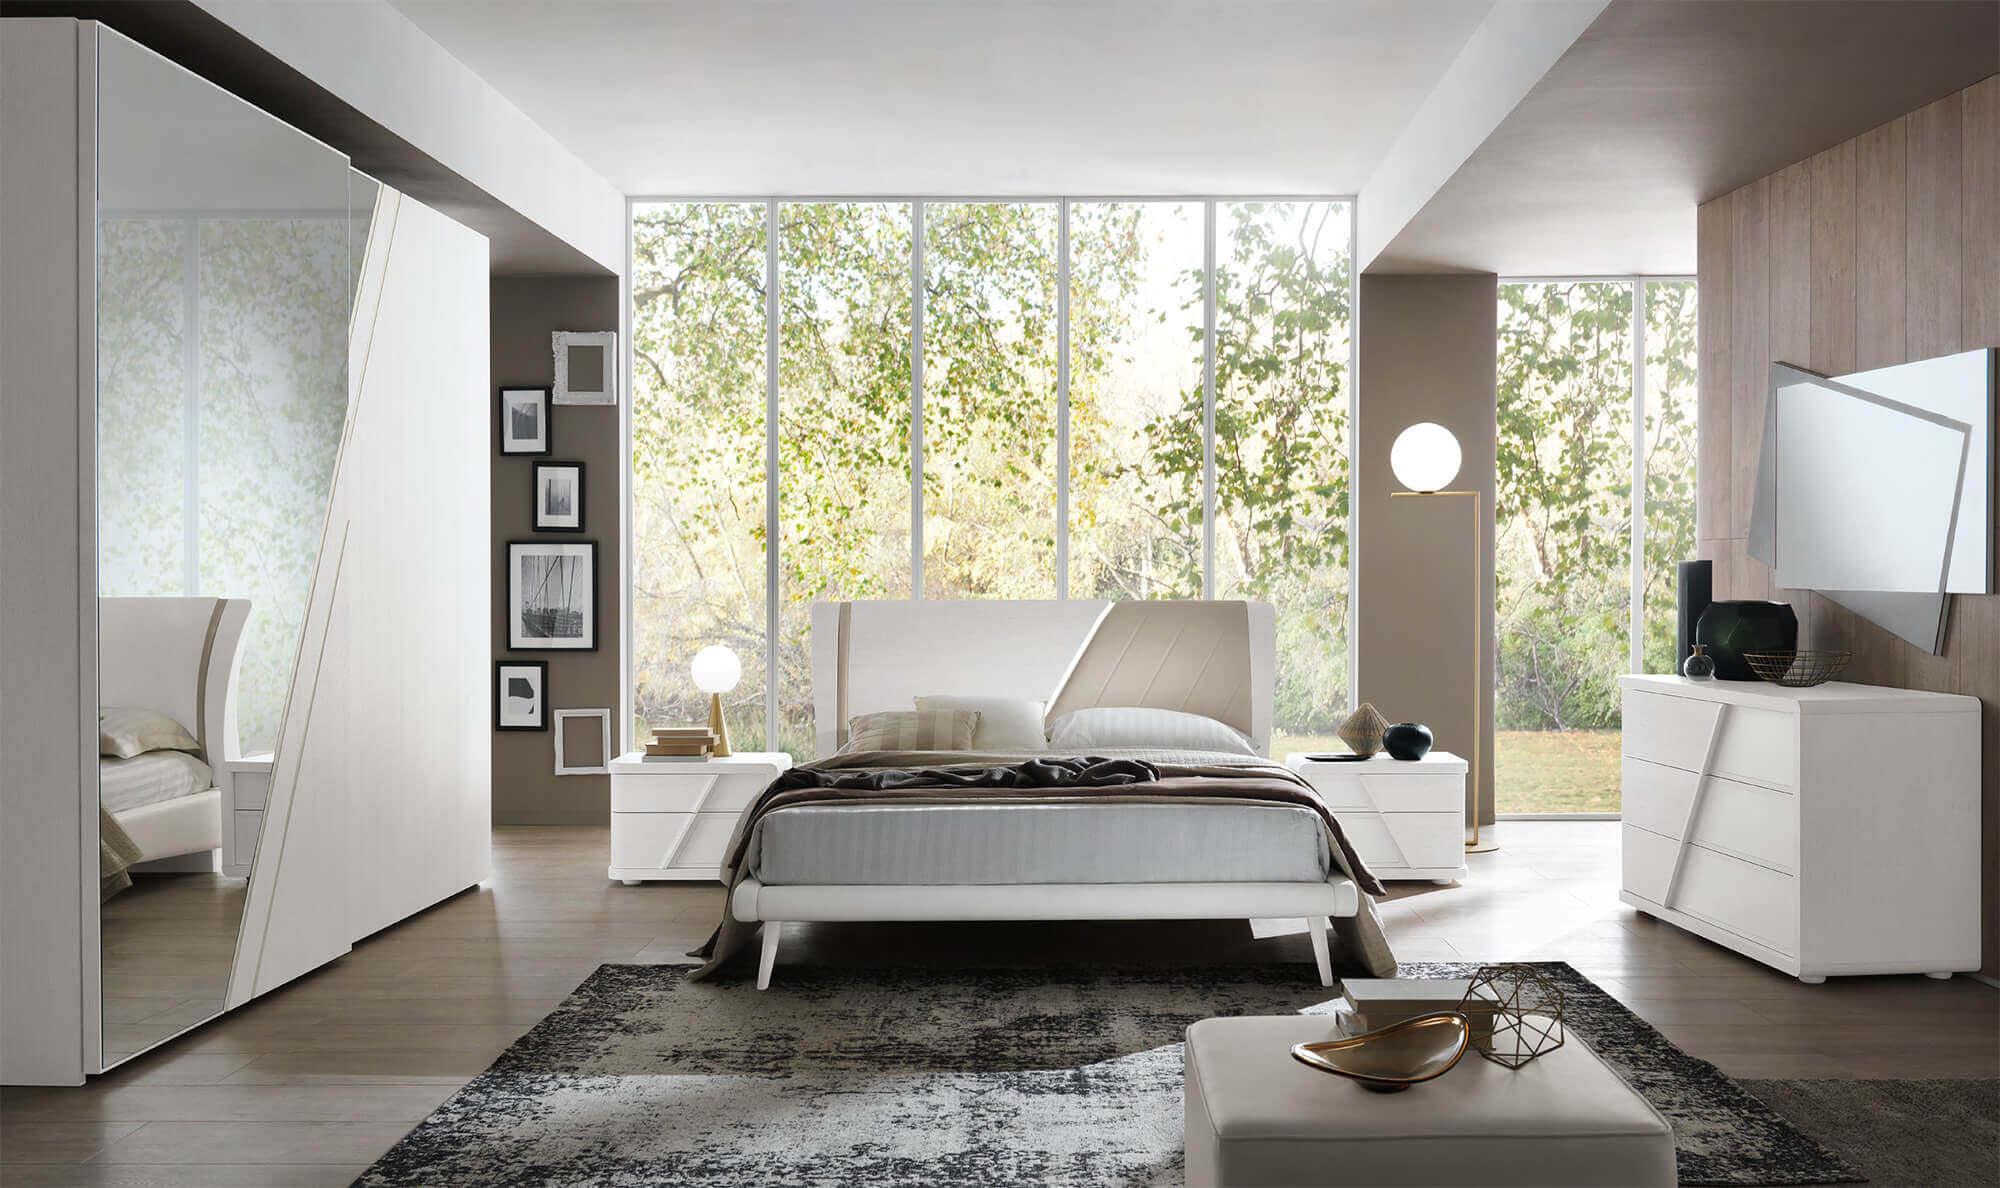 Camera Da Letto Matrimoniale Nuova.Euro Design Arredamento Camere Da Letto Moderne E Classico